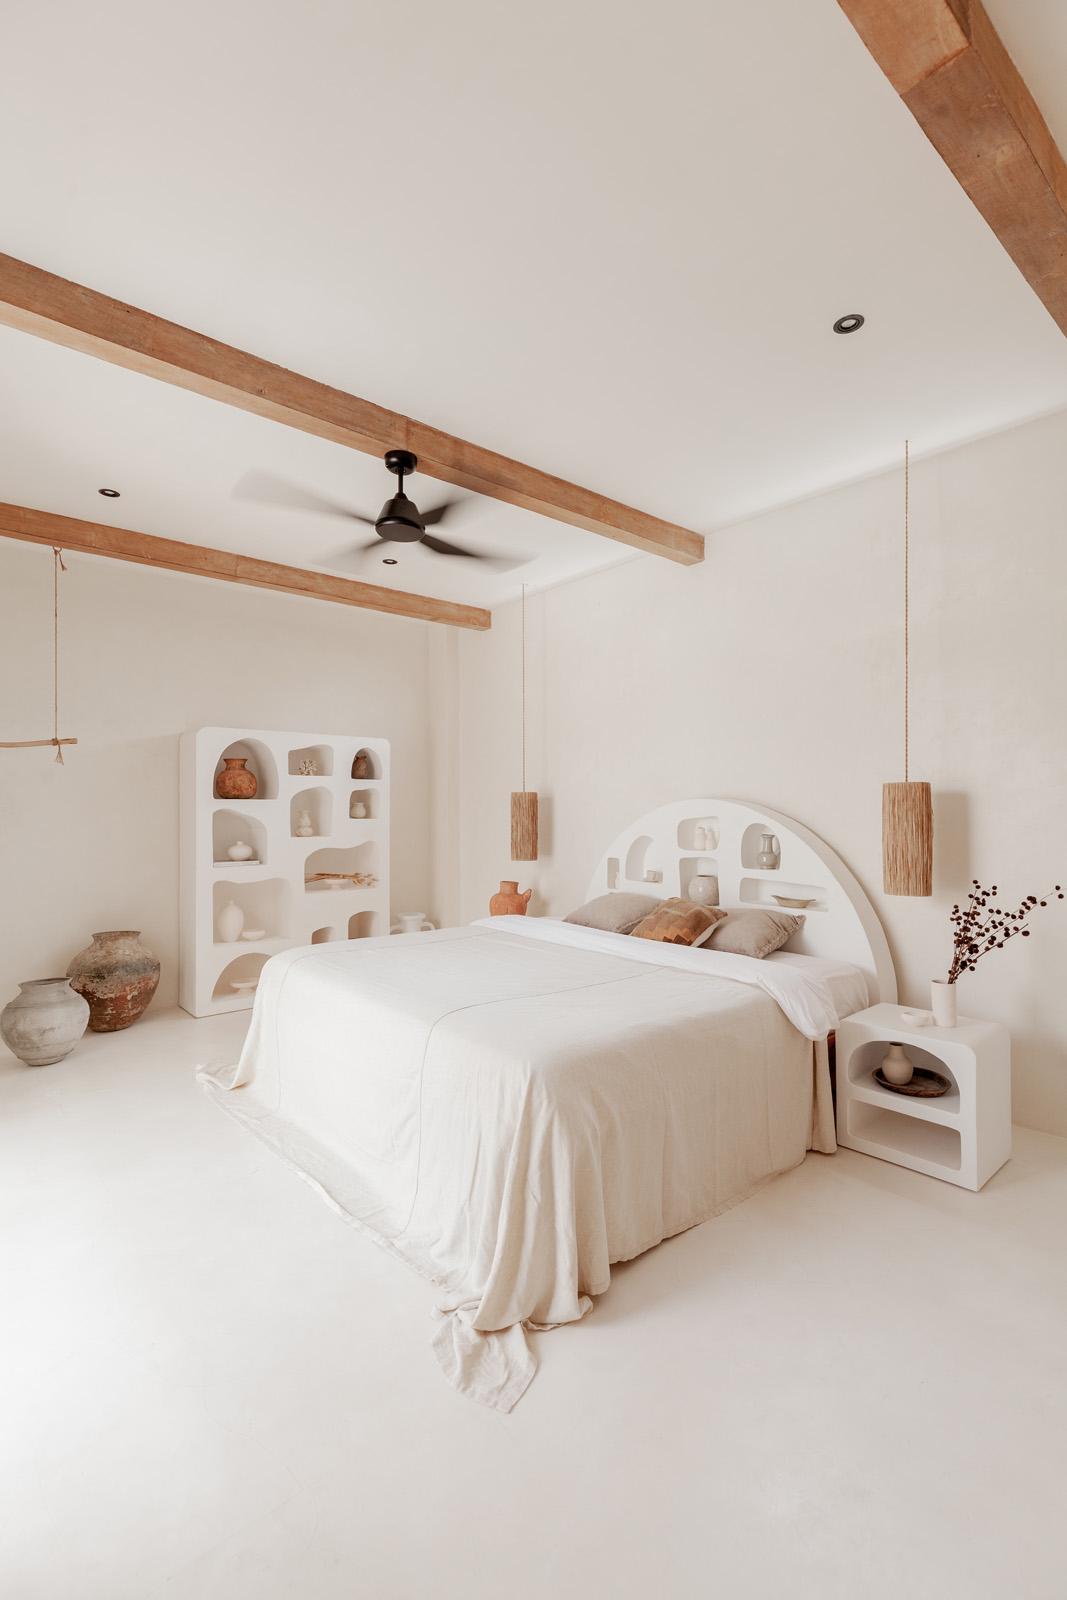 Haveli and Co, Bali interiors, decor